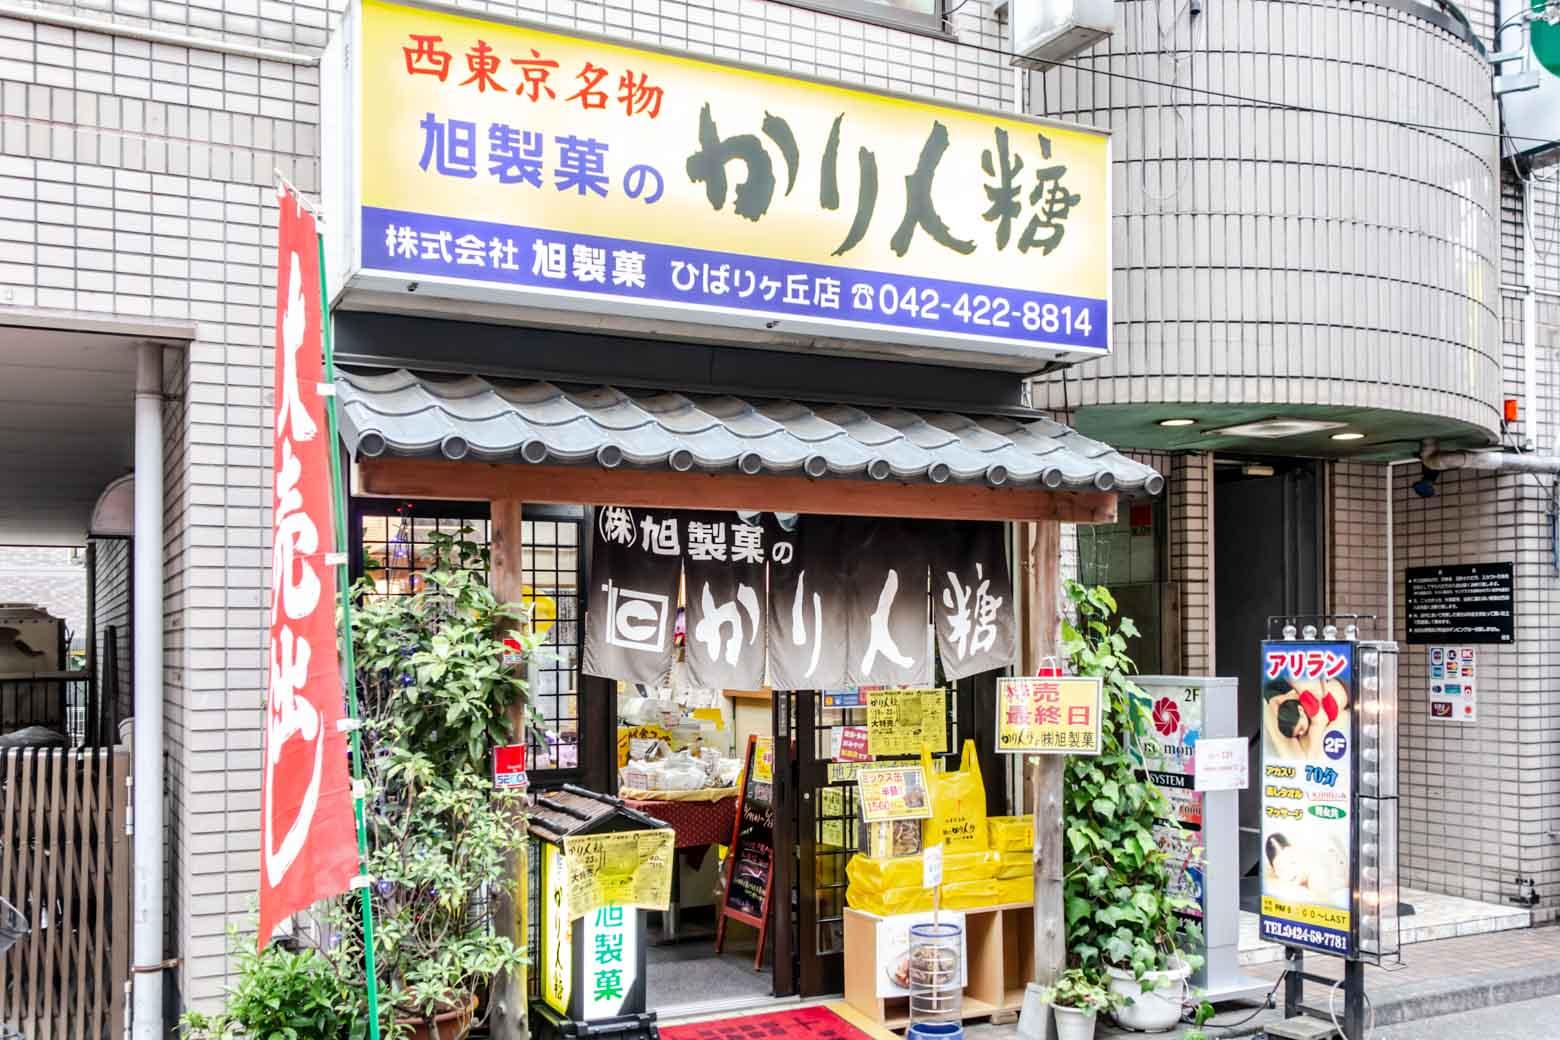 入り口付近は普通の繁華街という感じですが、進むほどに個人店が目立ってきます。ほら、良さそうなお店がありましたよ。